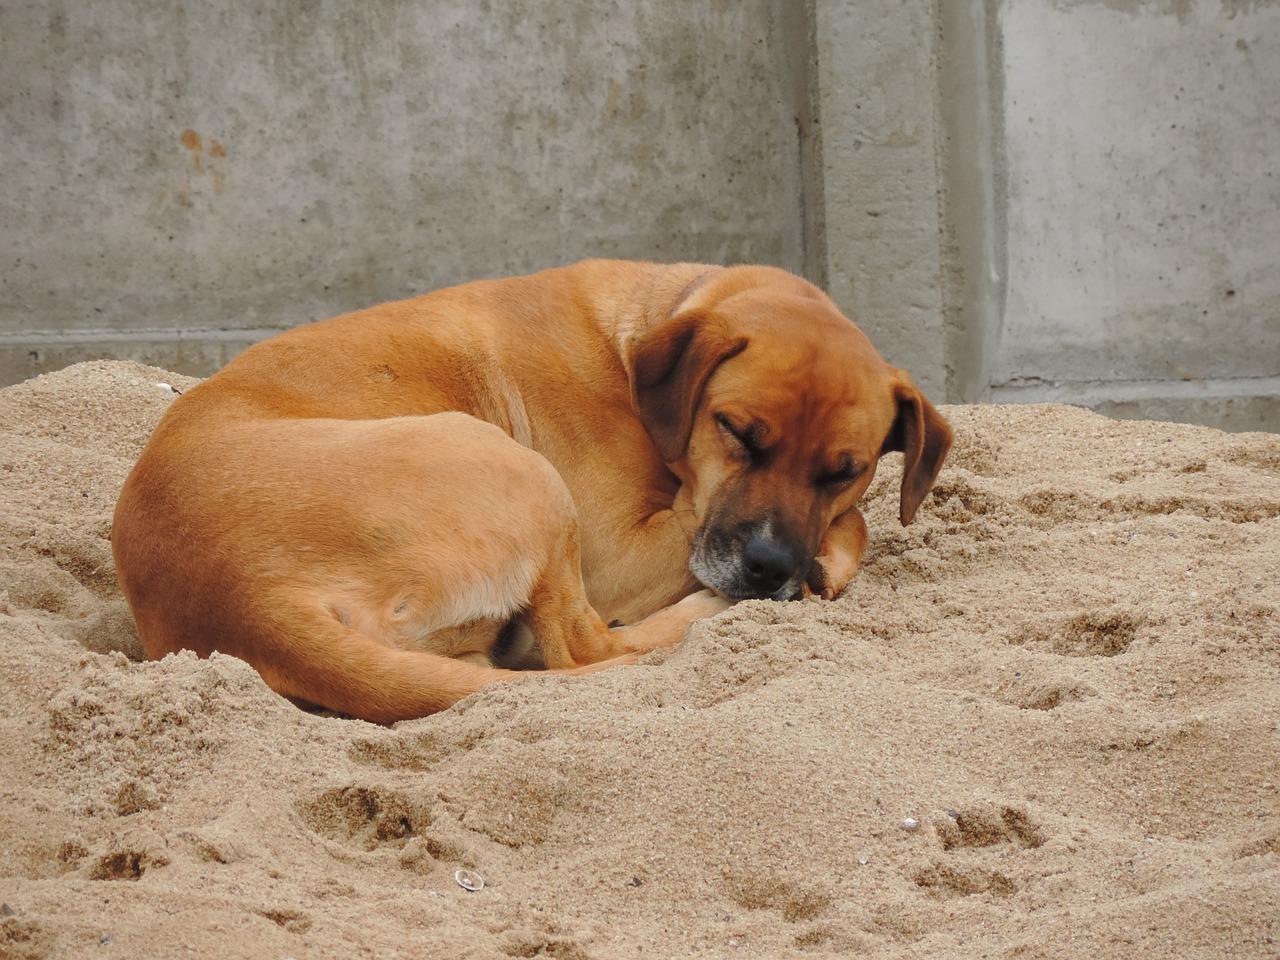 ύπνος σκύλου στάση ύπνου Σκύλος